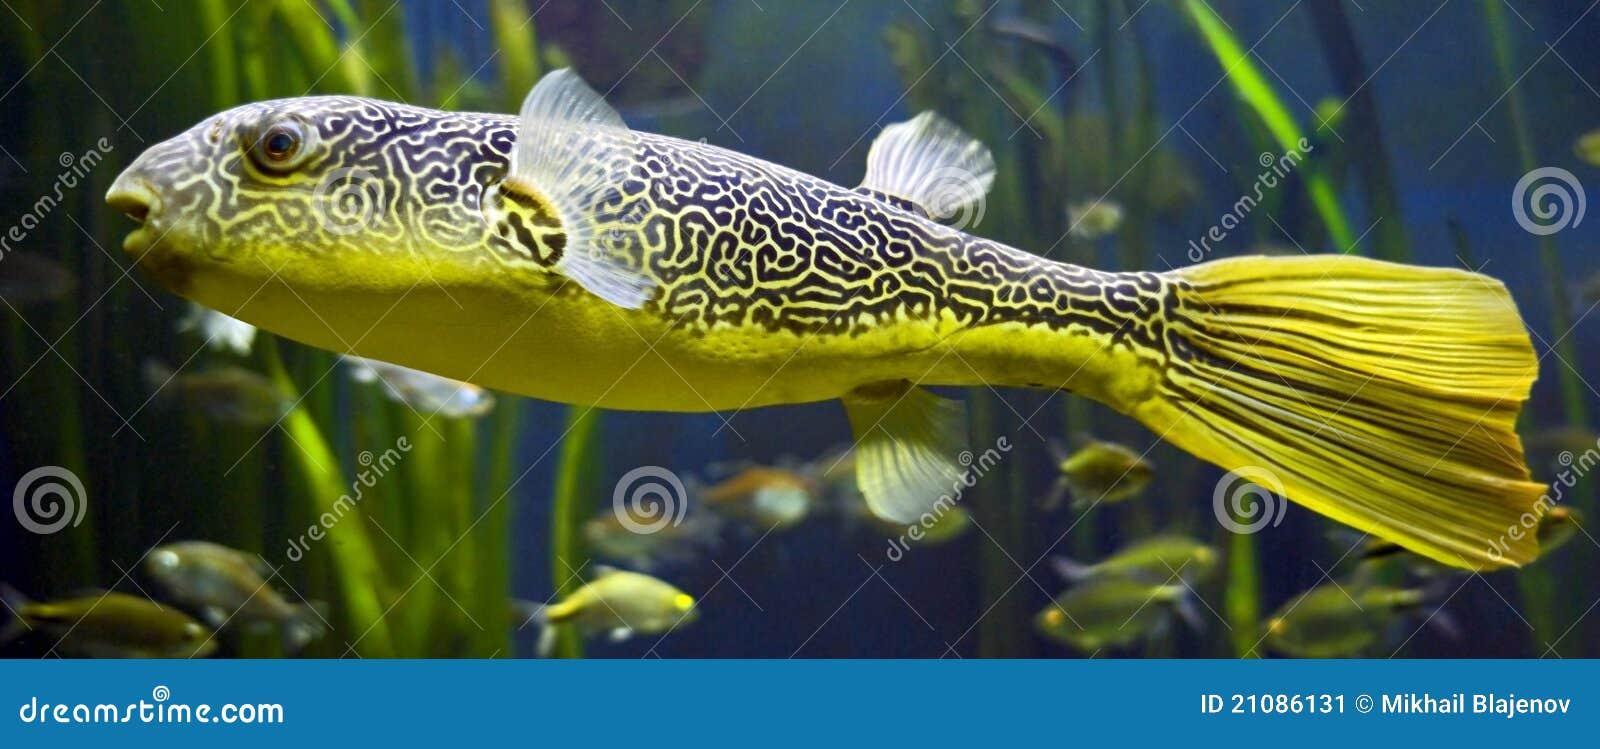 Zoetwater kogelvis